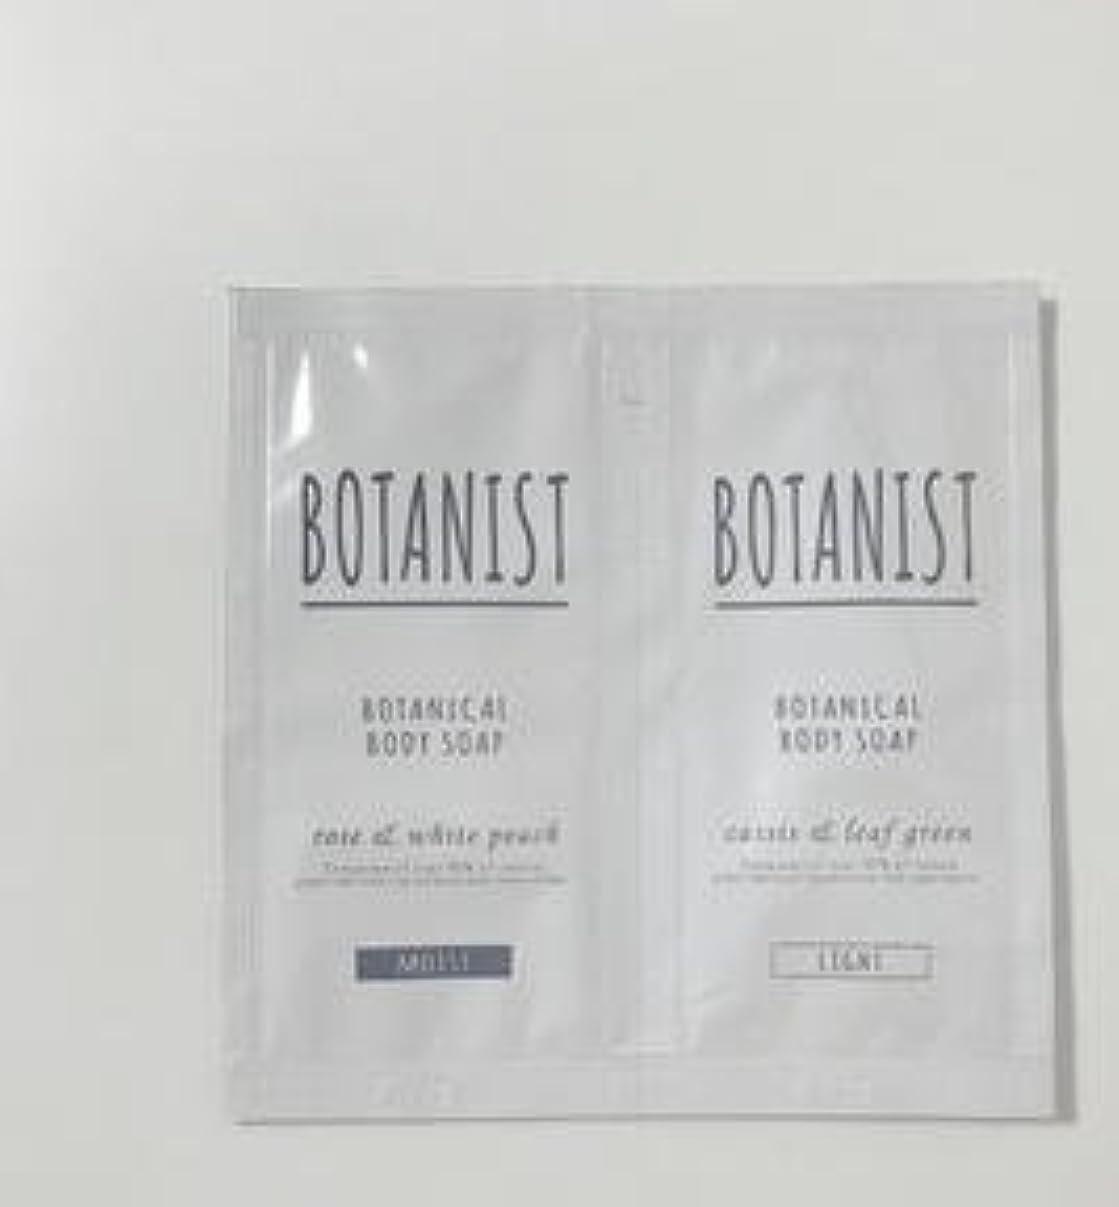 むき出しシソーラス満足できるBOTANIST ボタニカル ボディーソープ ライト&モイスト トライアルセット 8ml×2 (ライト&モイスト, 1個)